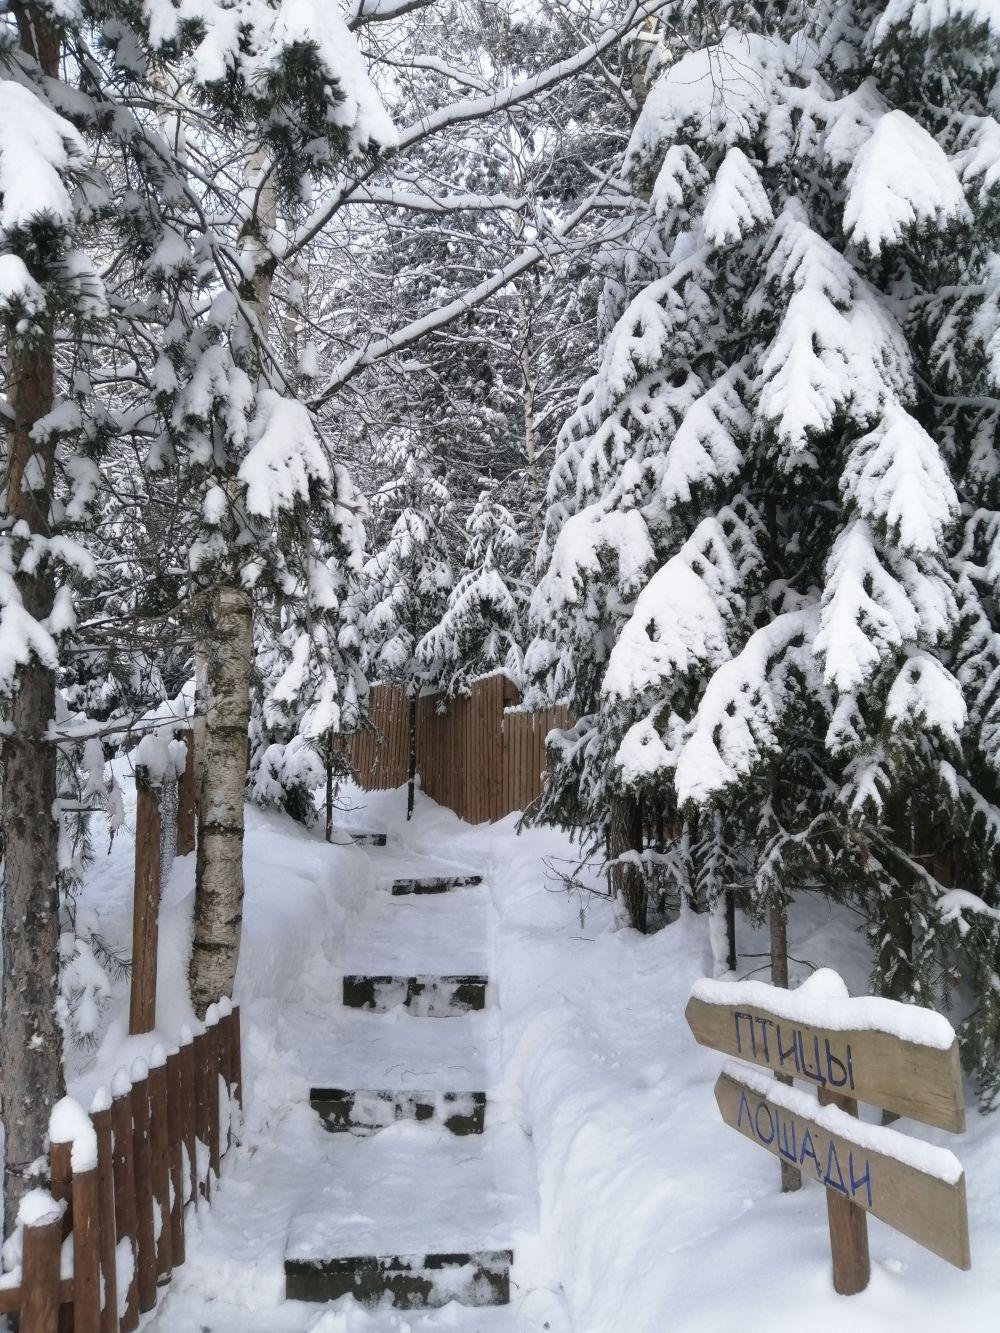 Зимний лес восхитителен: белоснежный снег кругом